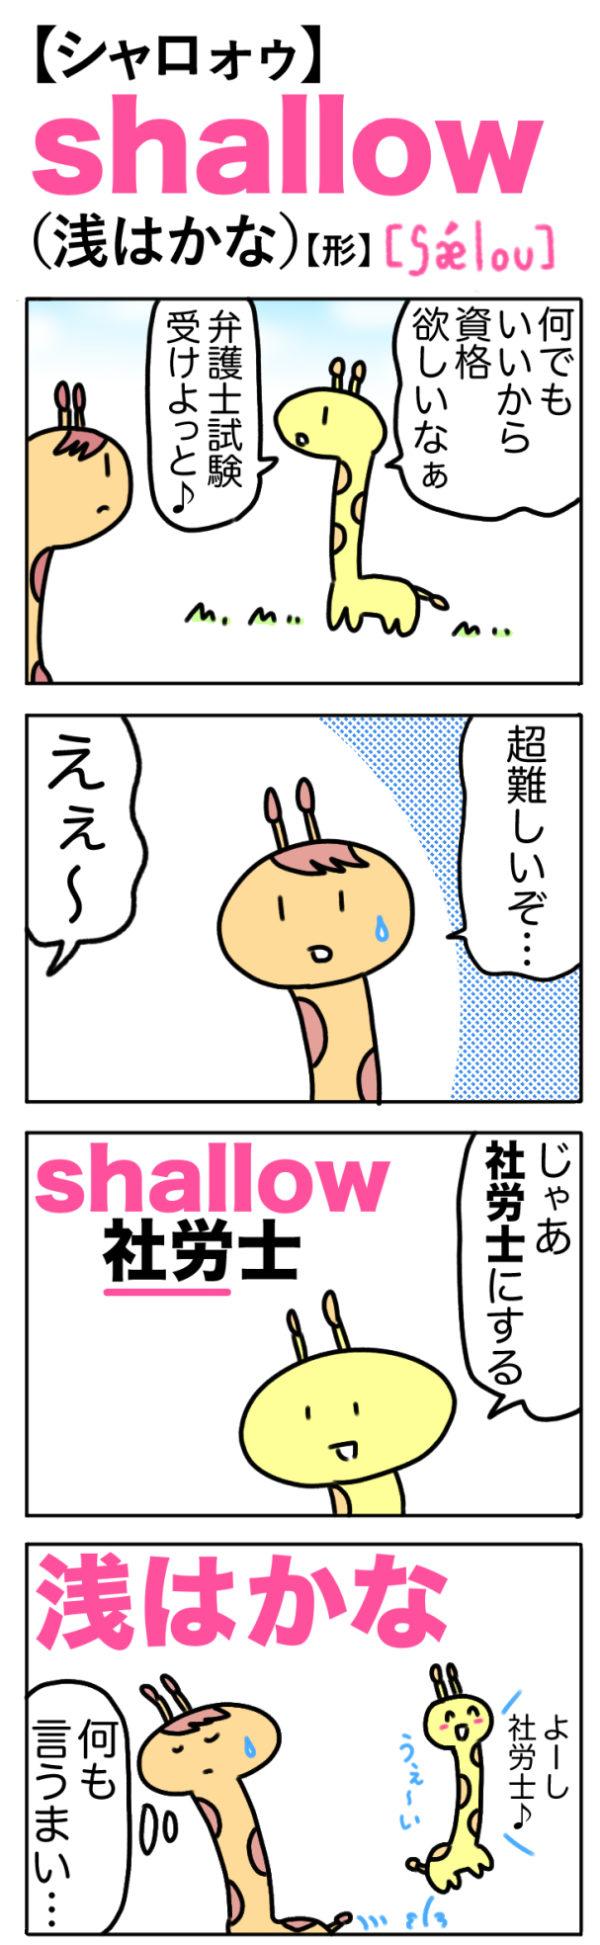 shallow(浅はかな)の語呂合わせ英単語